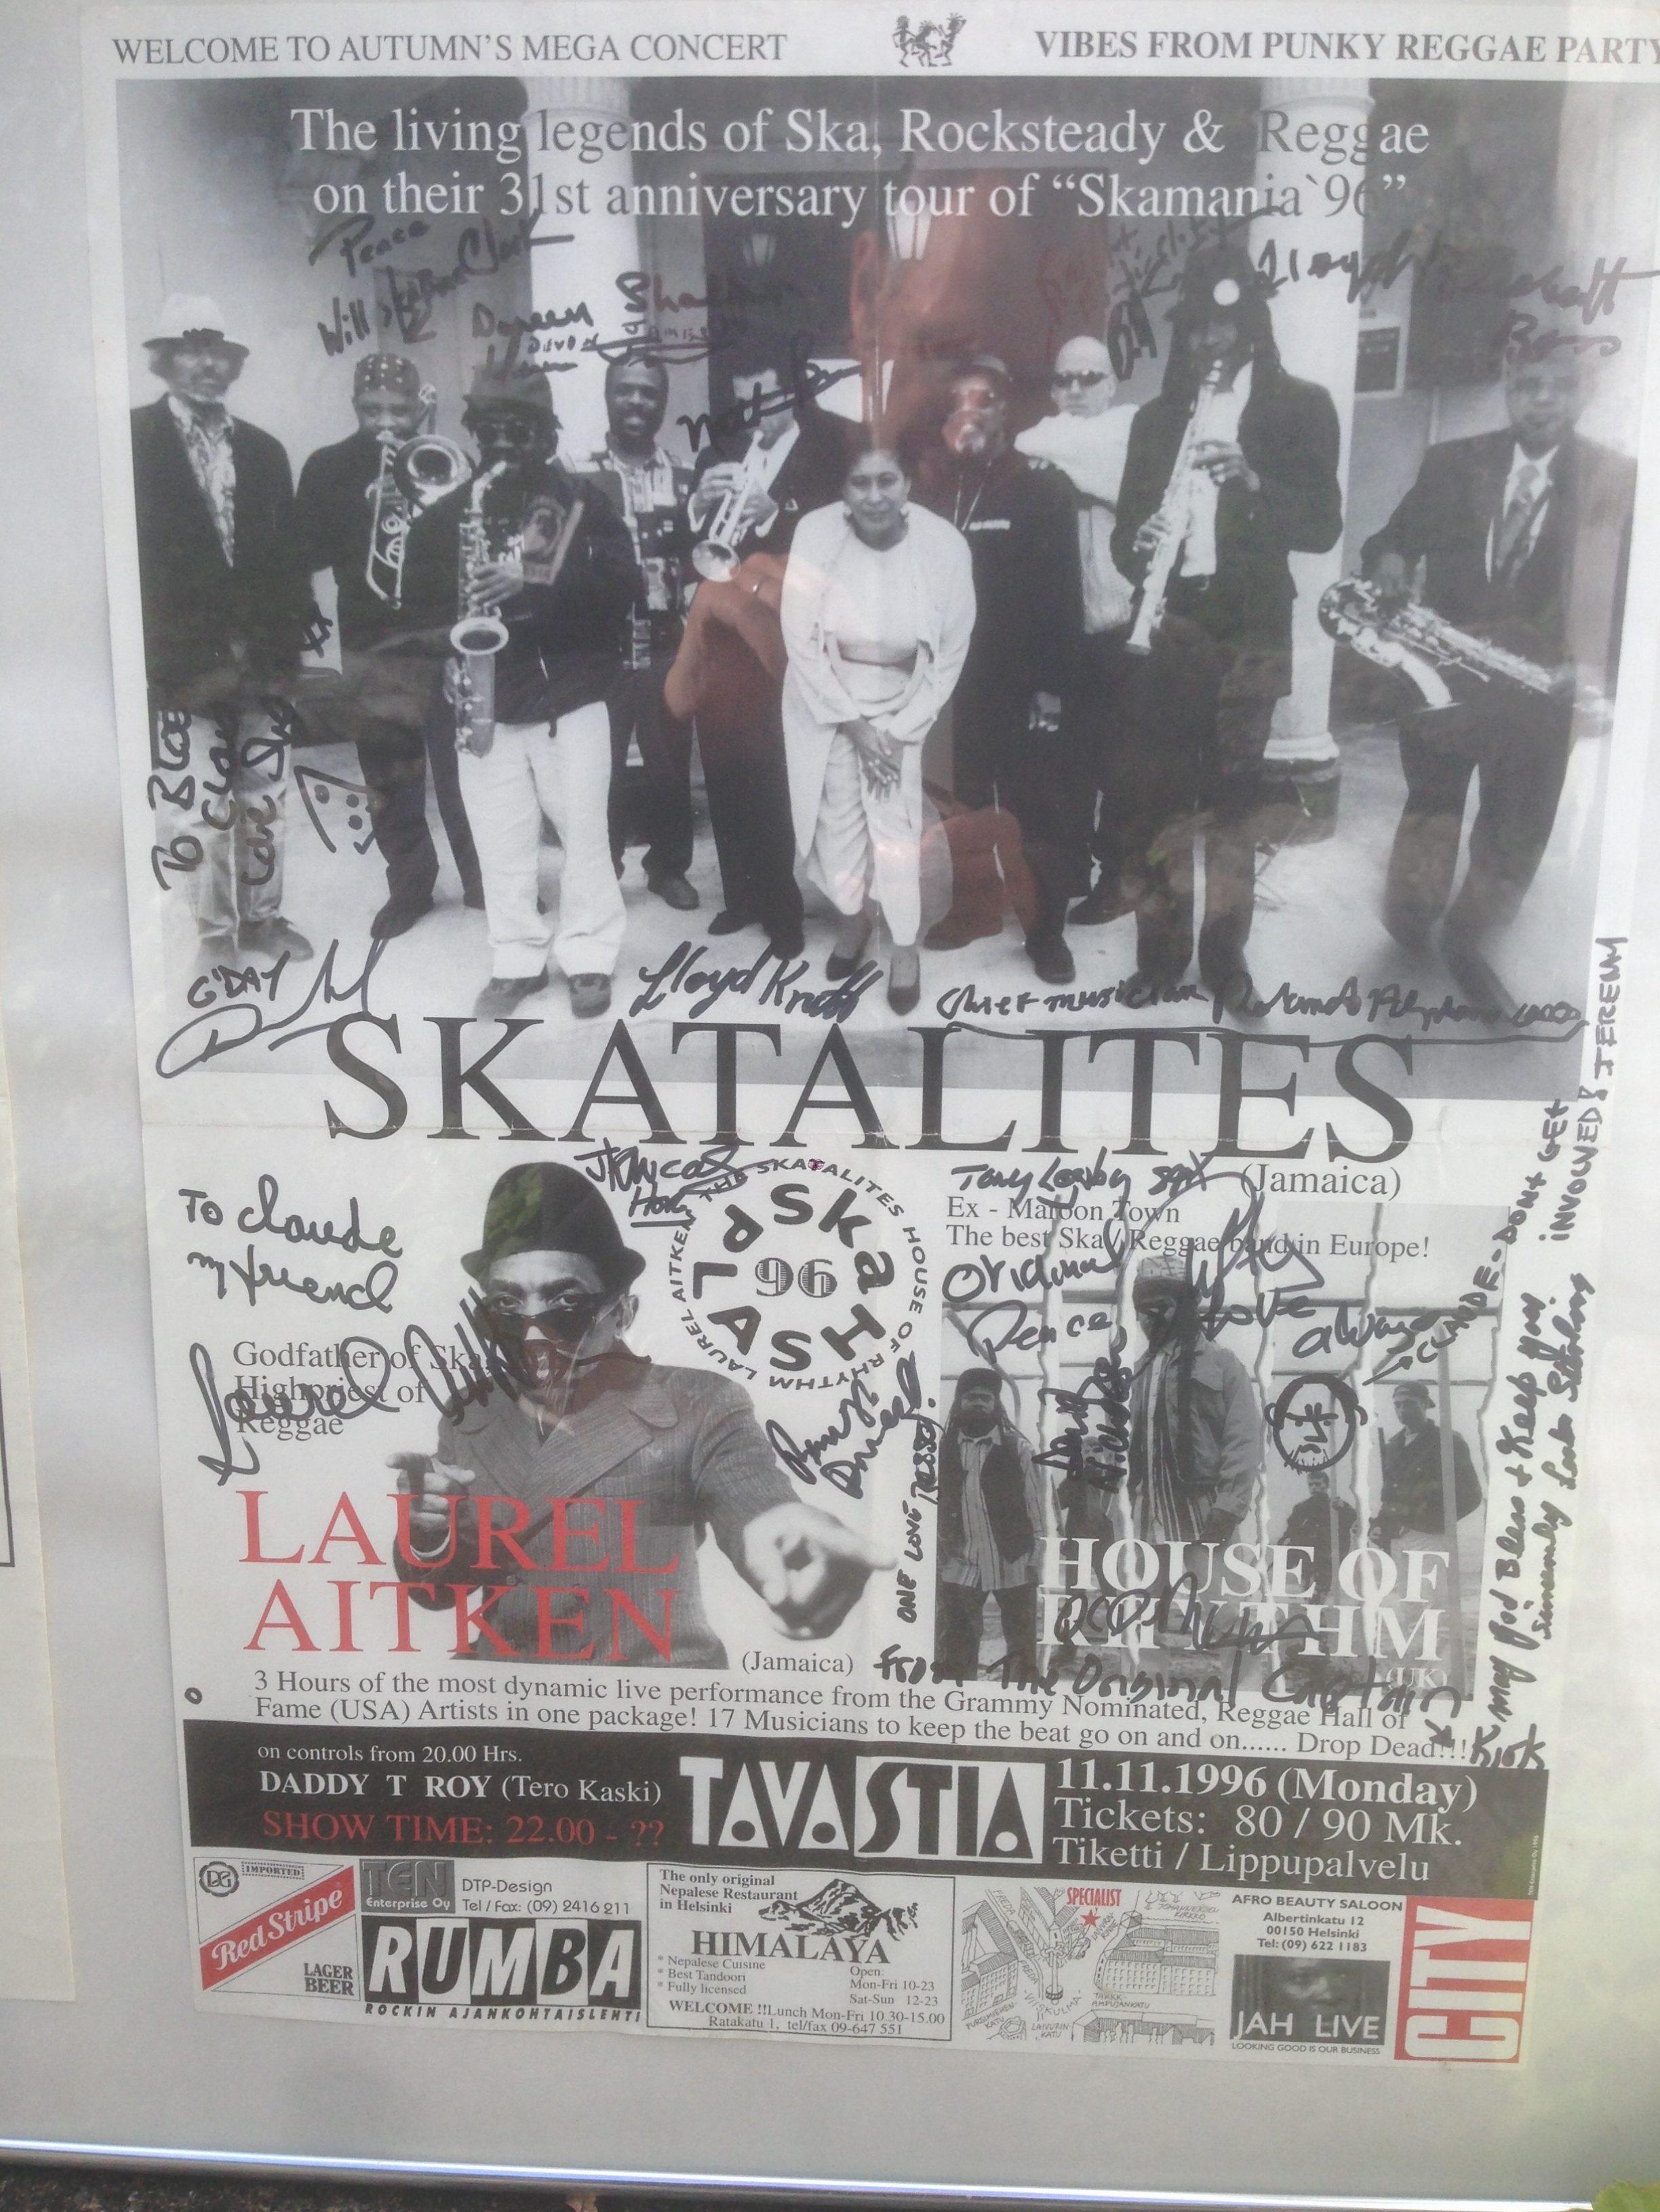 Skasplash 1996, Helsinki Tavastia